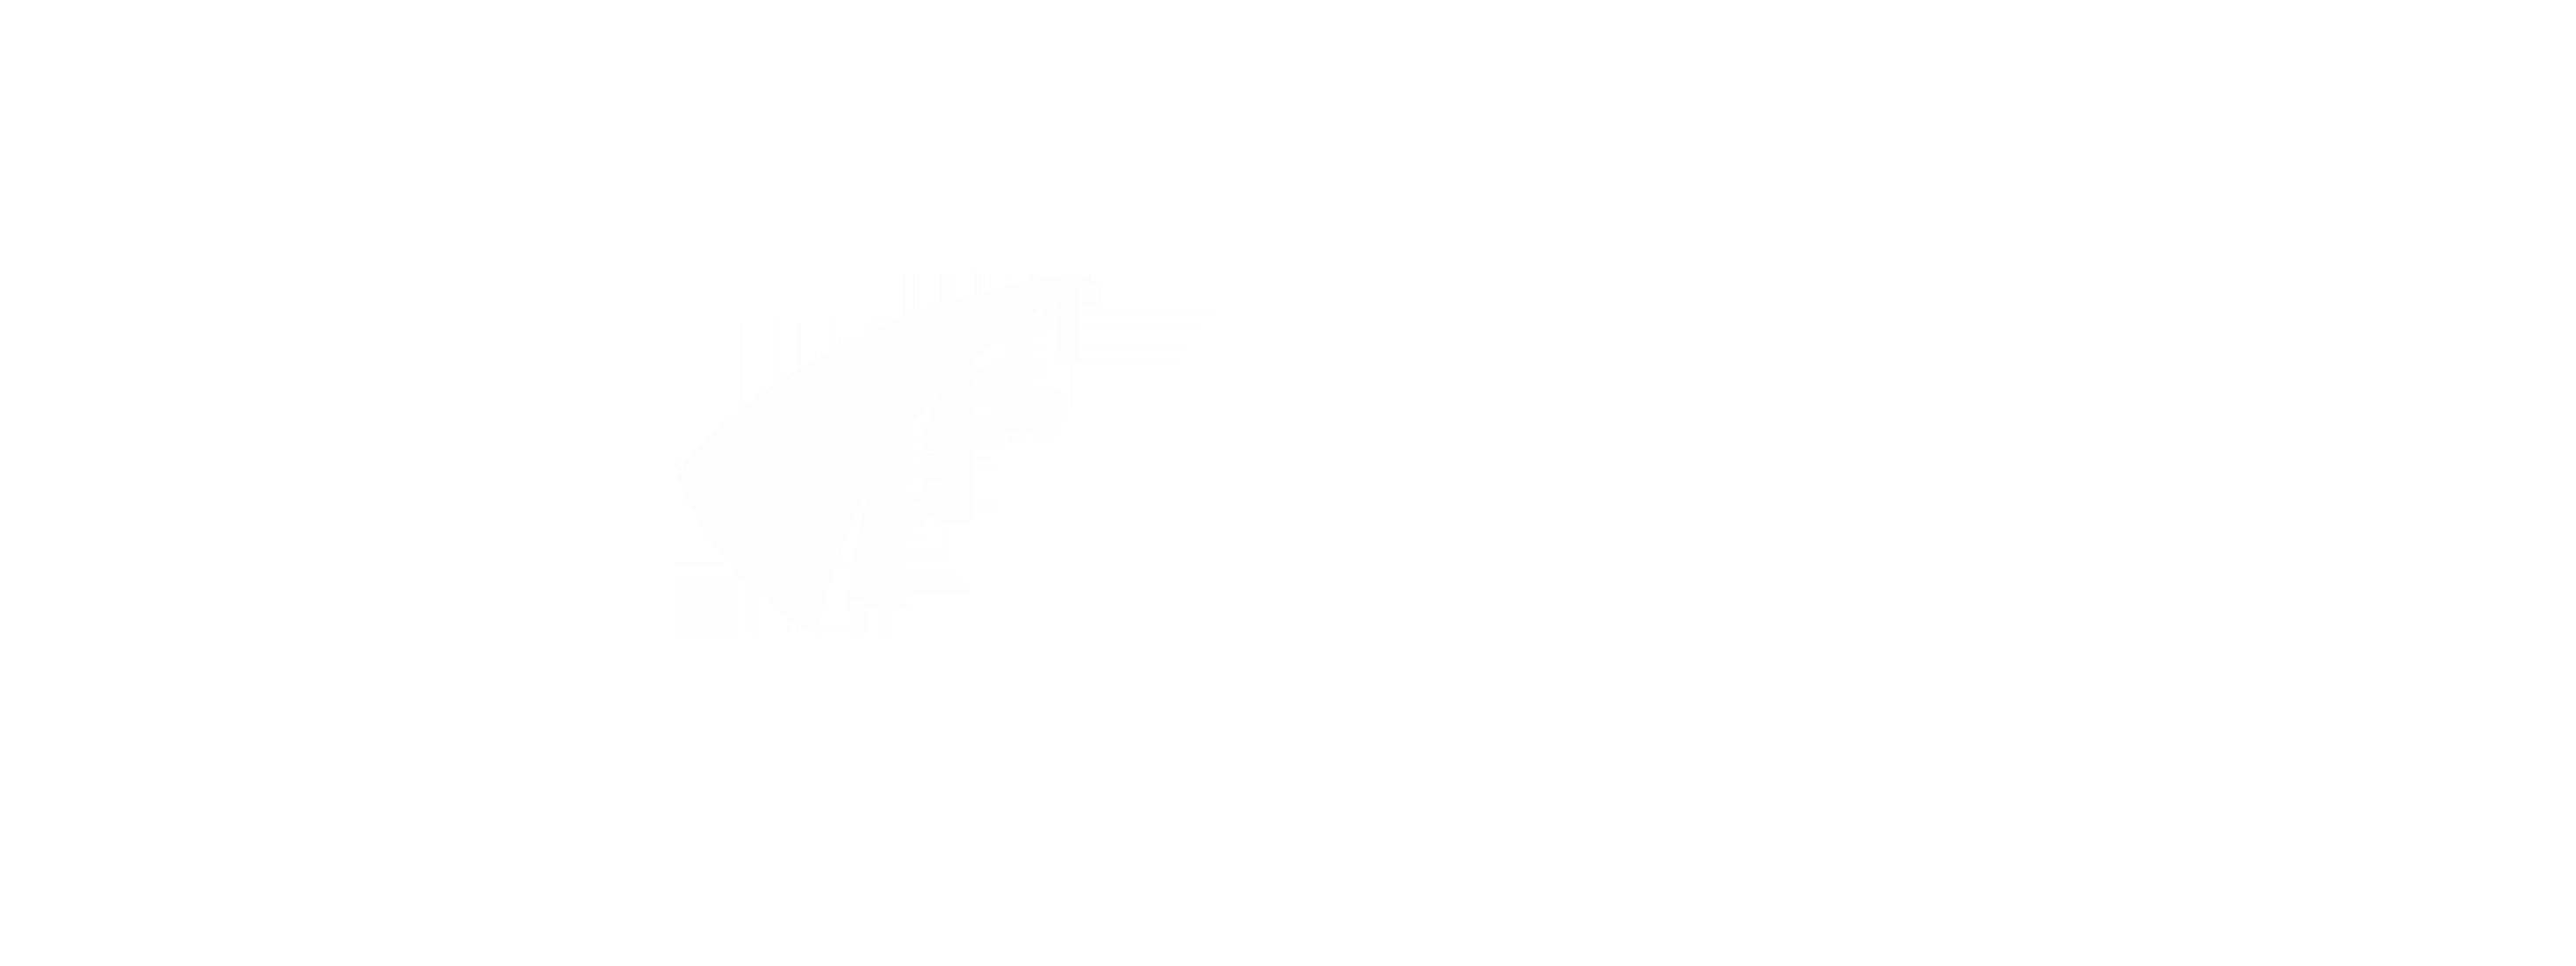 Wysebridge